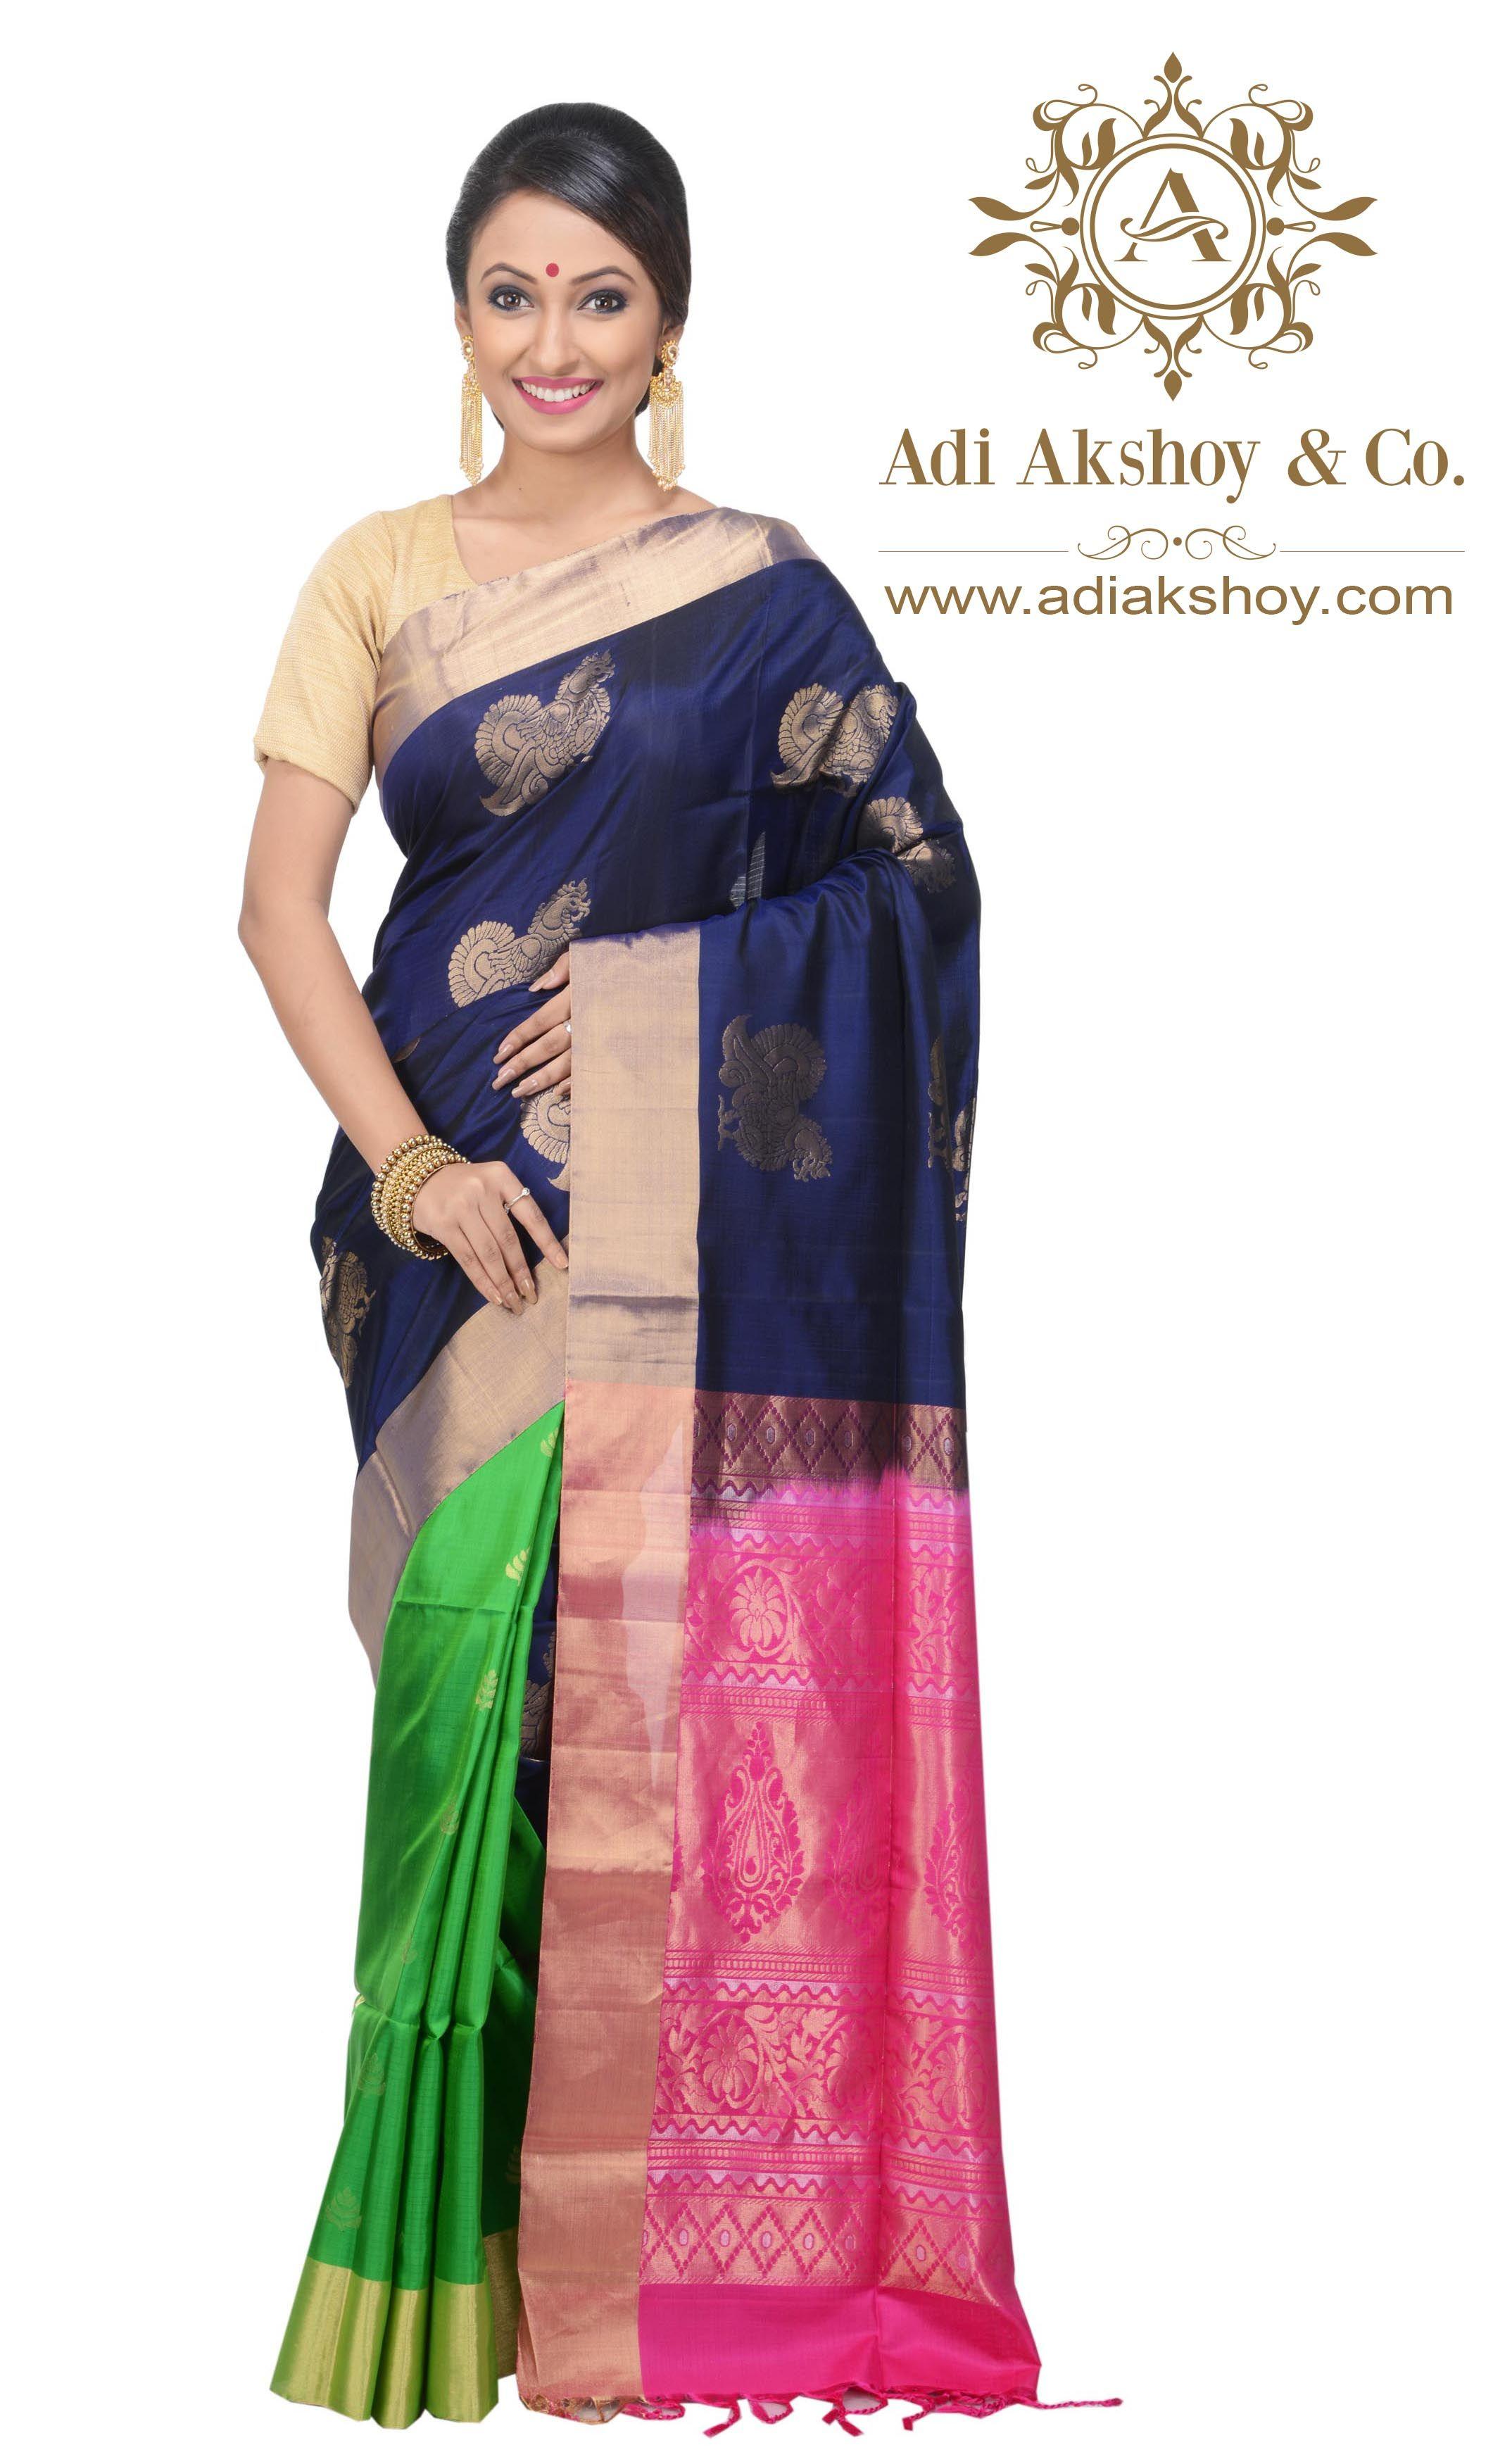 cd4775a362 Arni Silk Saree Price : Rs 10,910.00 Saree SKU : AA1001448 For More  Collection Visit : www.adiakshoy.com